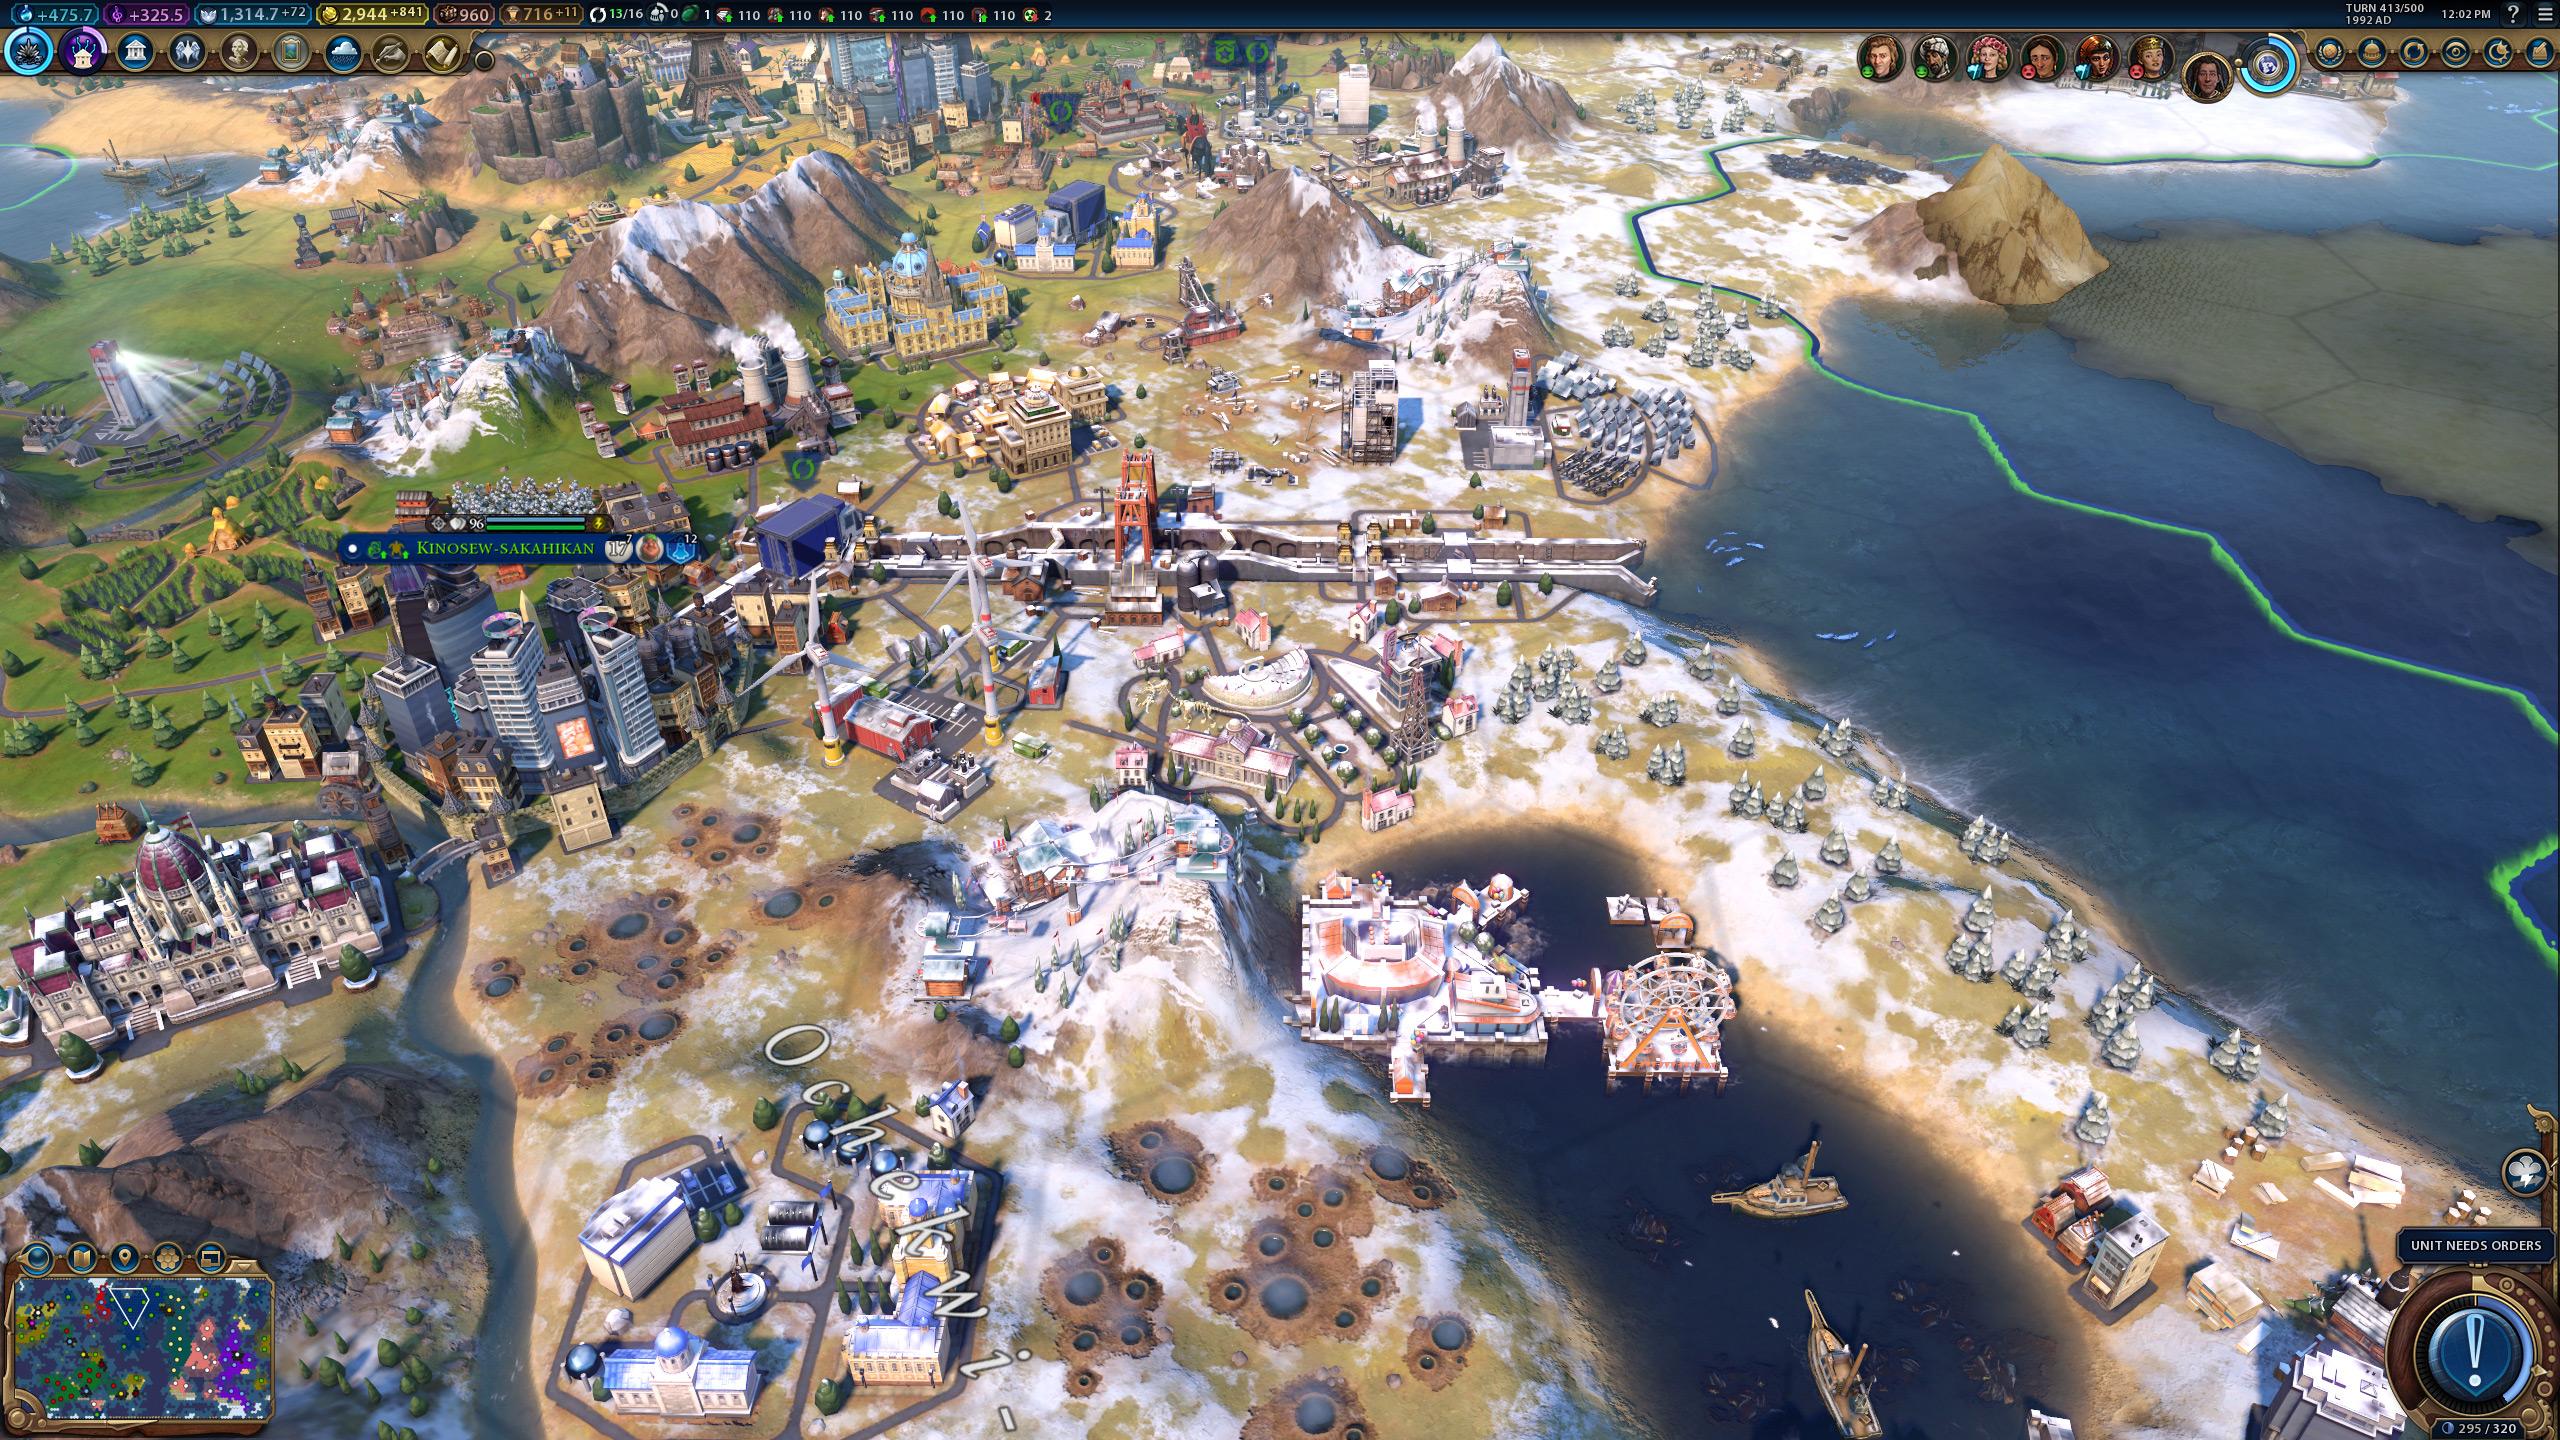 Обзор дополнения Civilization VI: Gathering Storm